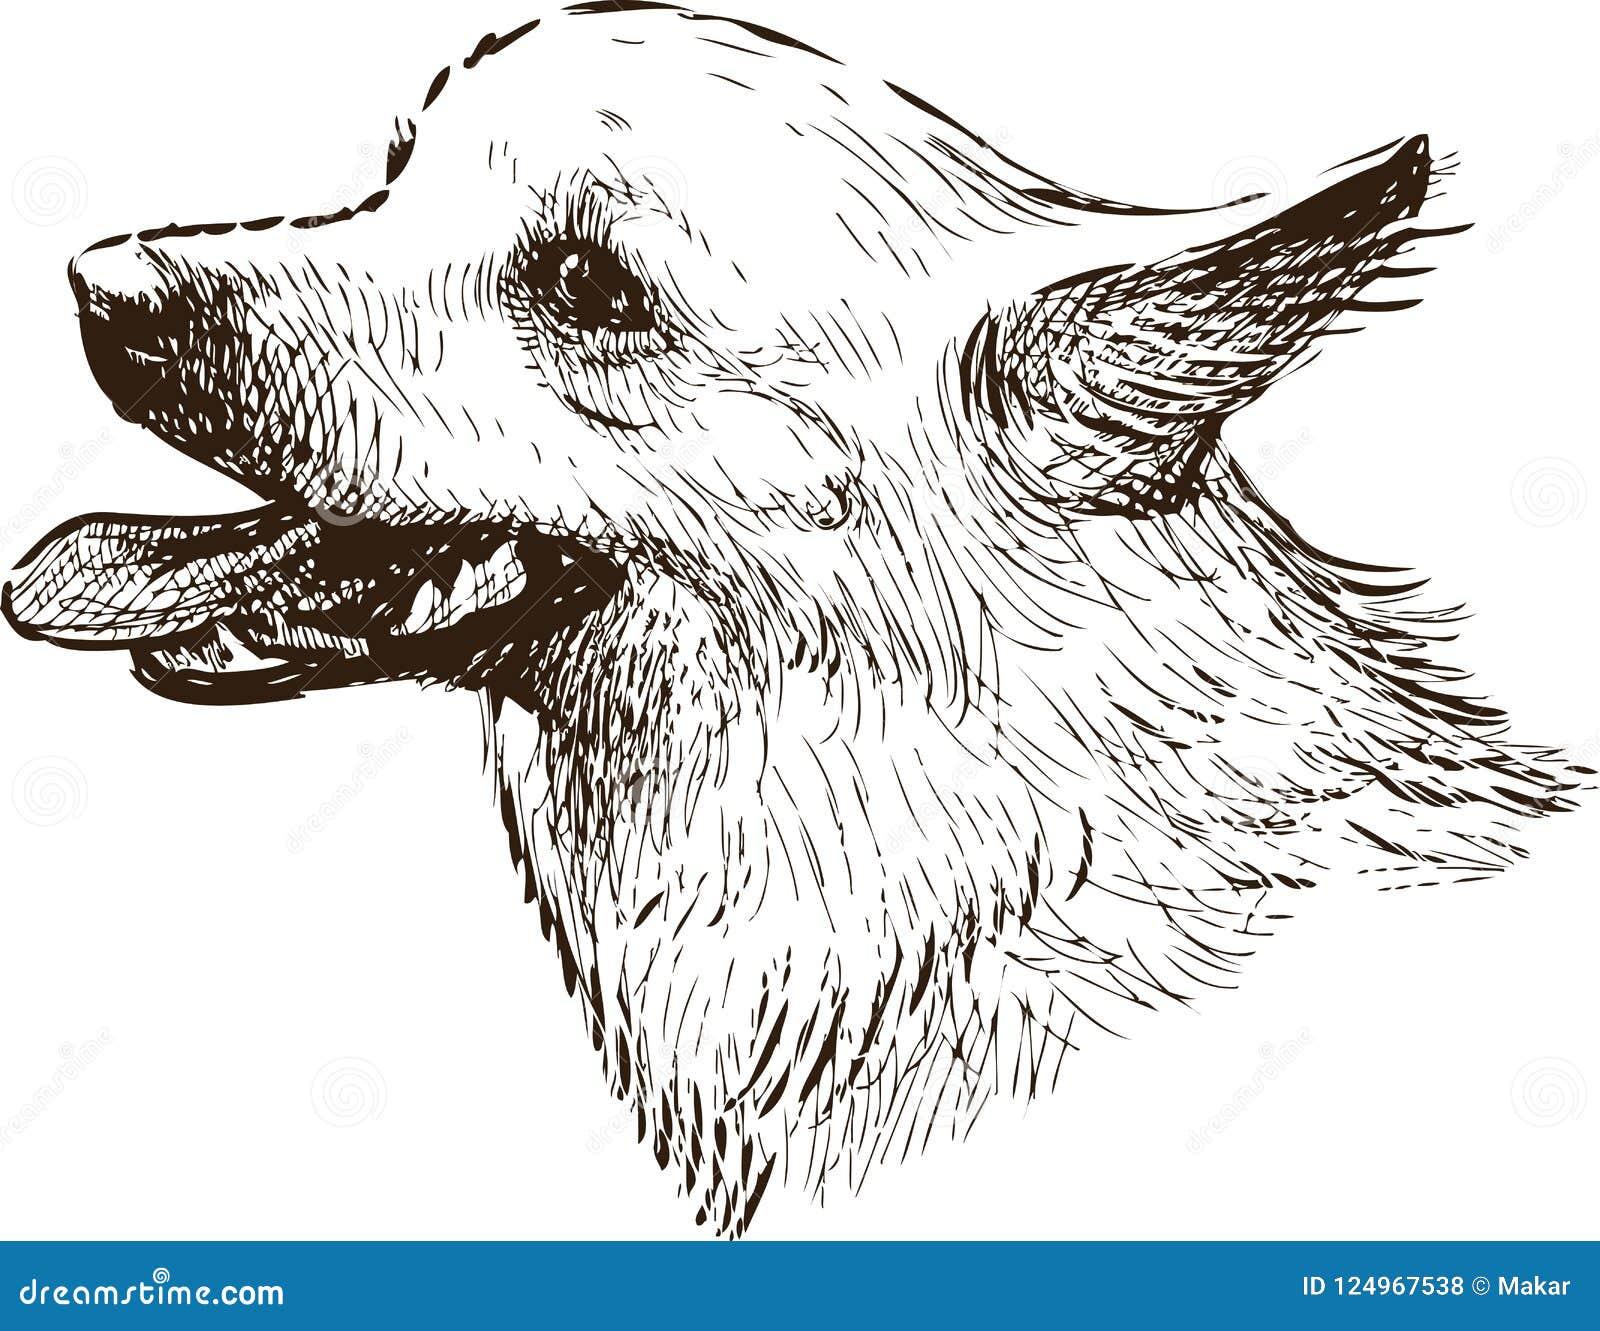 Sketch portrait of a lap dog